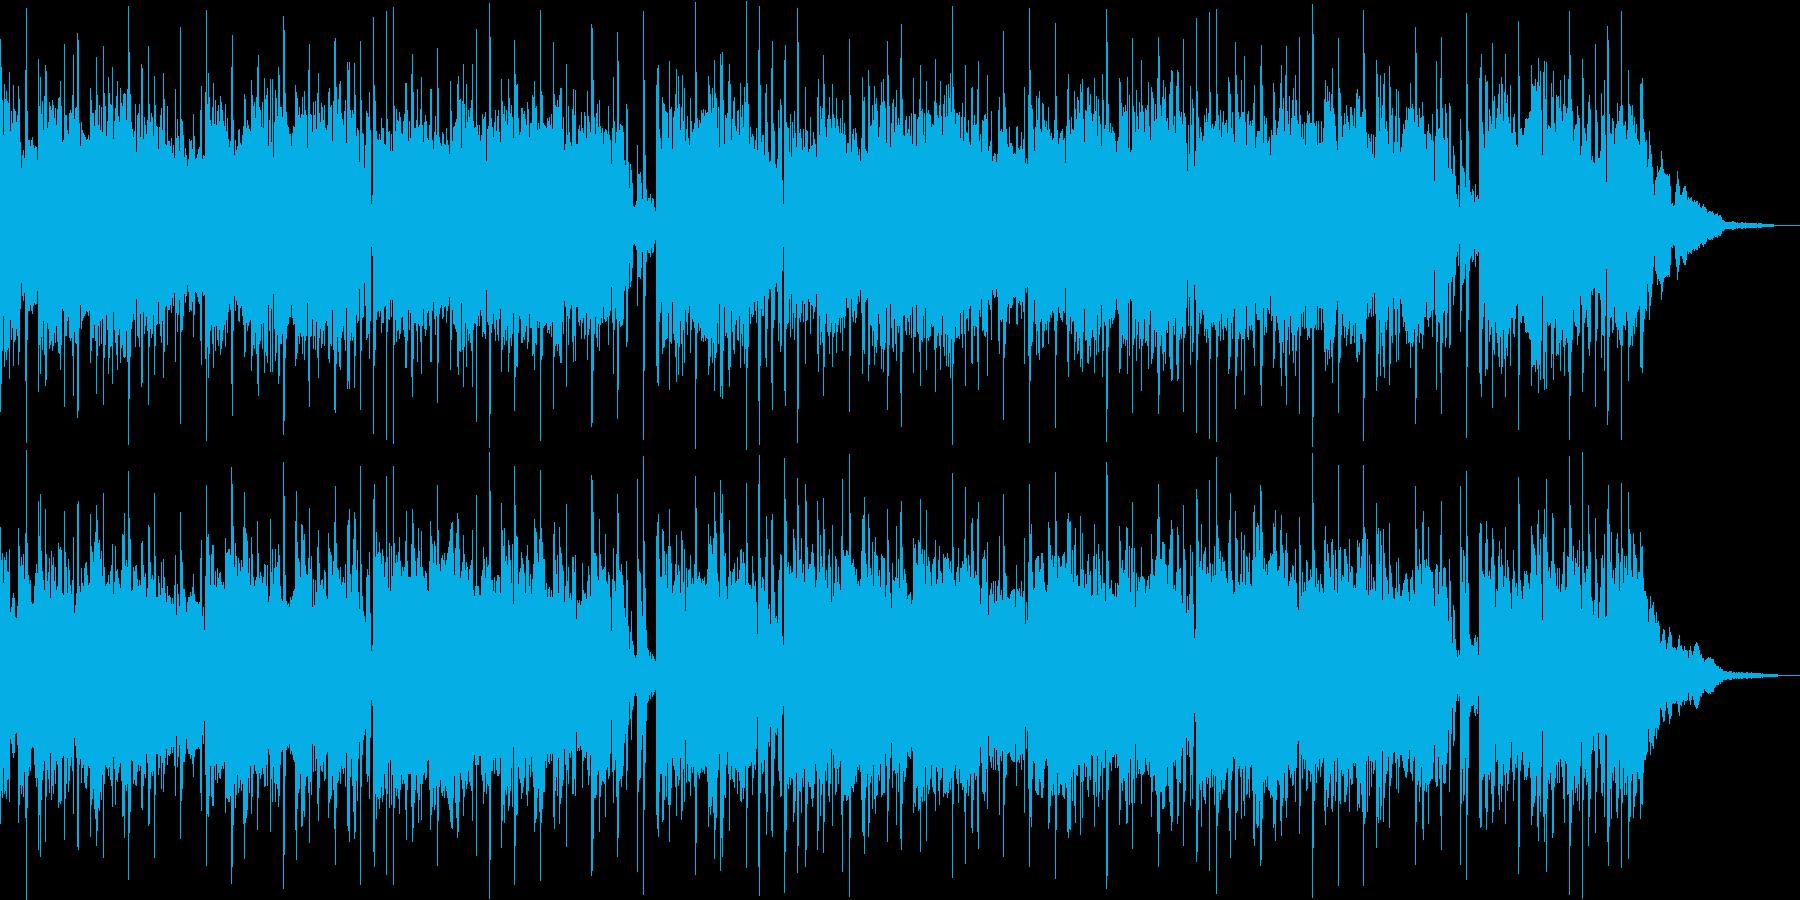 ピアノを主体としたヒップホップの再生済みの波形